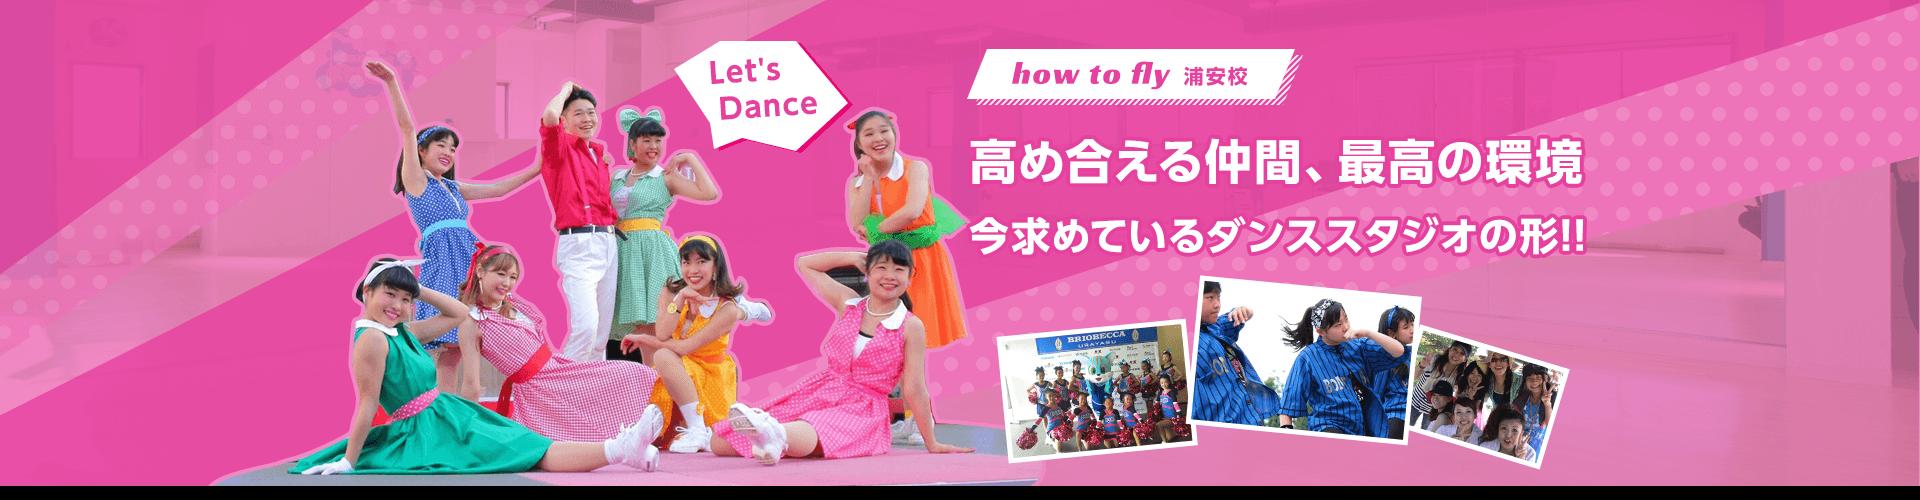 高め合える仲間、最高の環境 今求めているダンススタジオの形 how to fly 浦安校